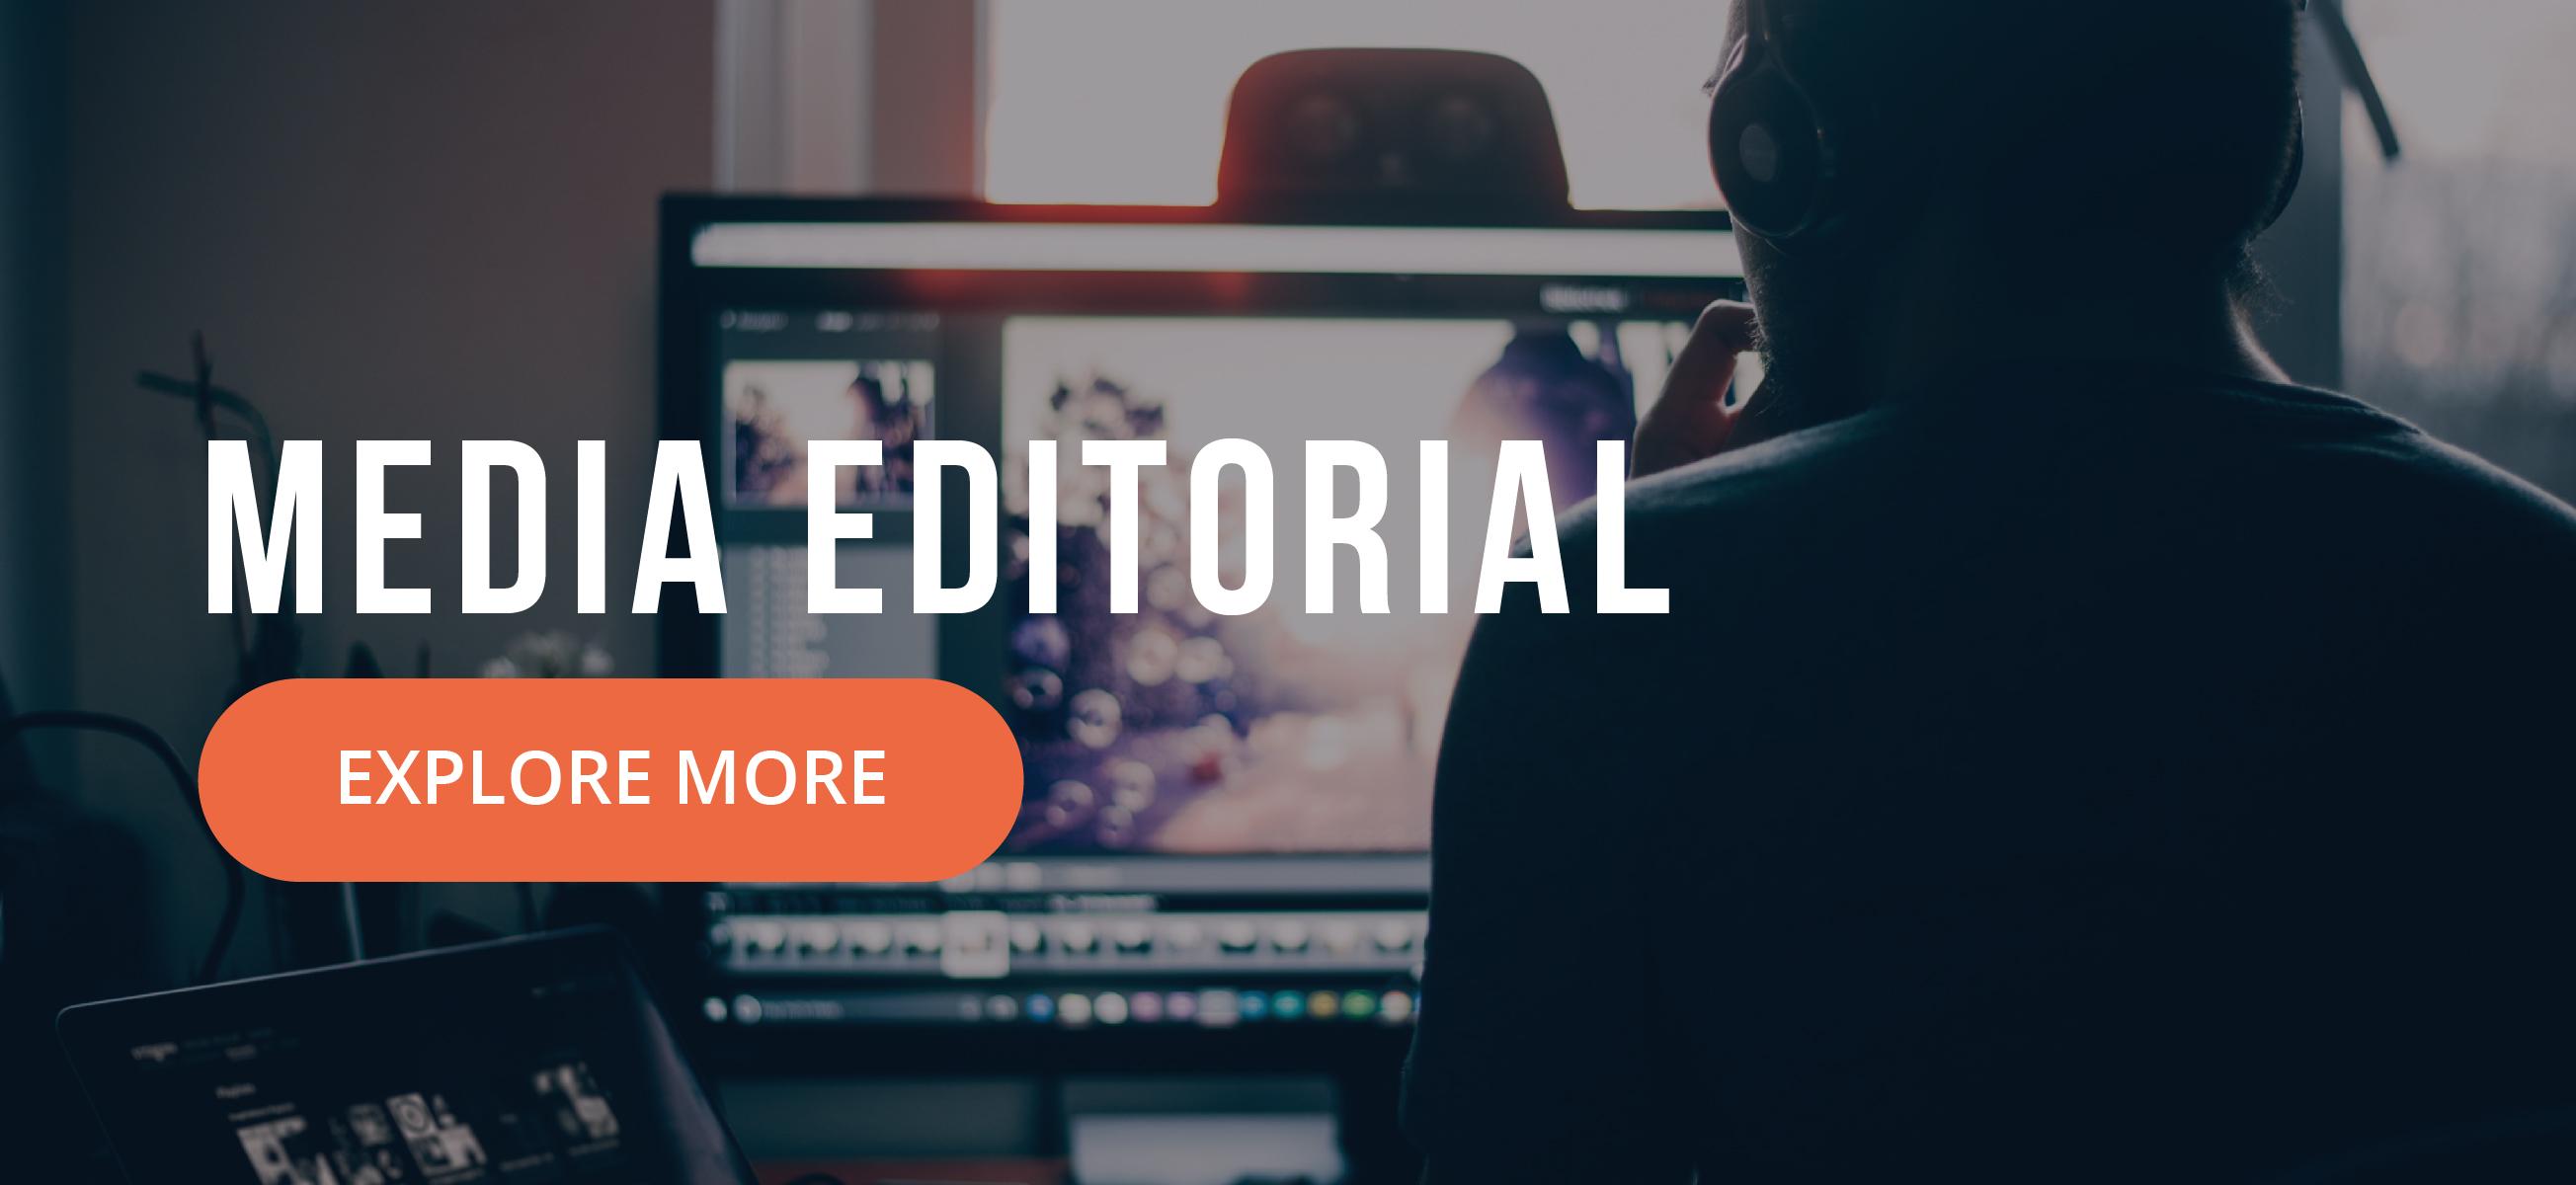 MEDIA EDITORIAL